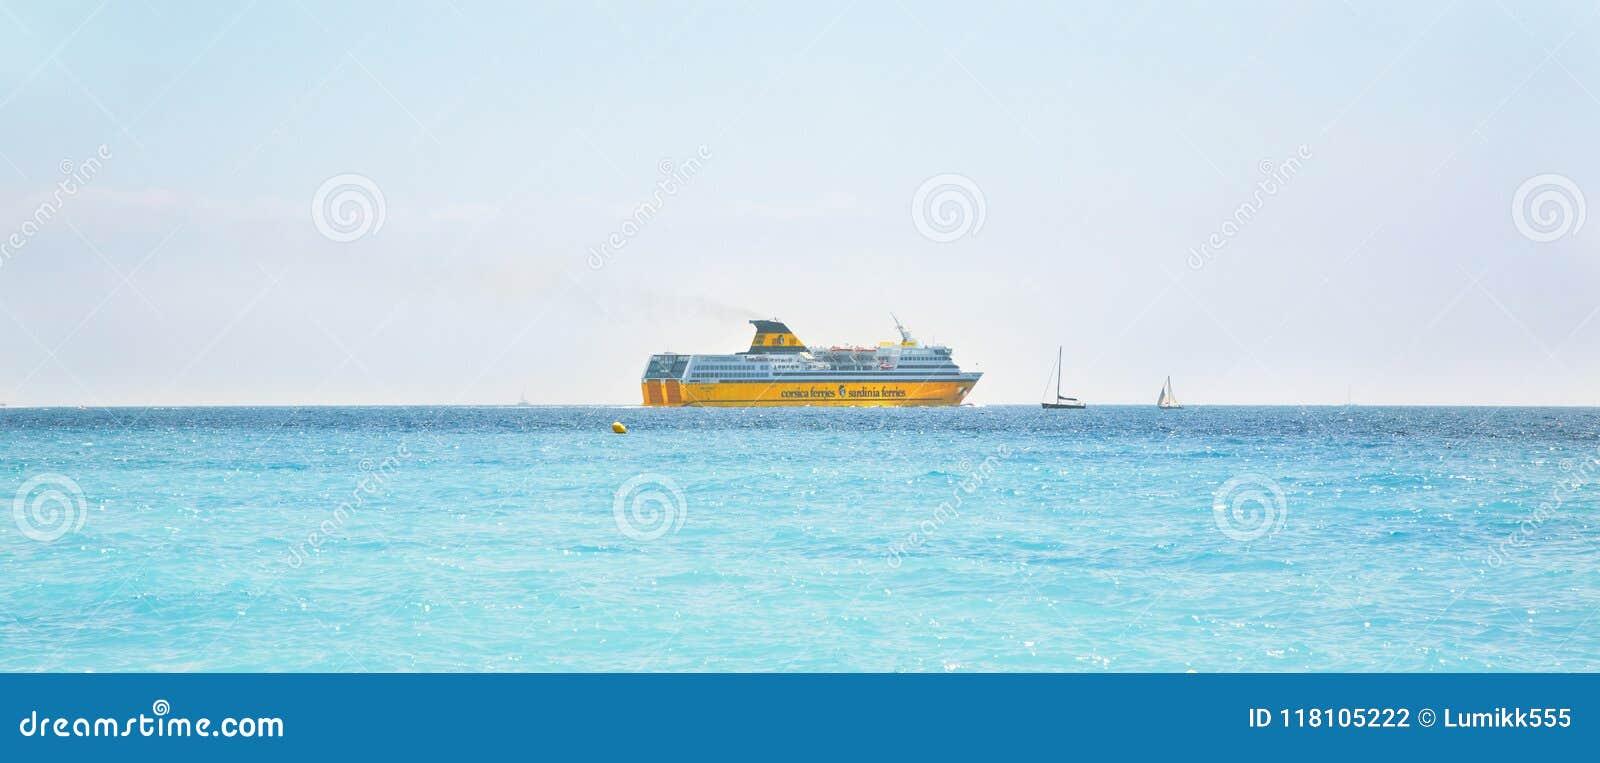 黄色客船可西嘉岛运送撒丁岛轮渡